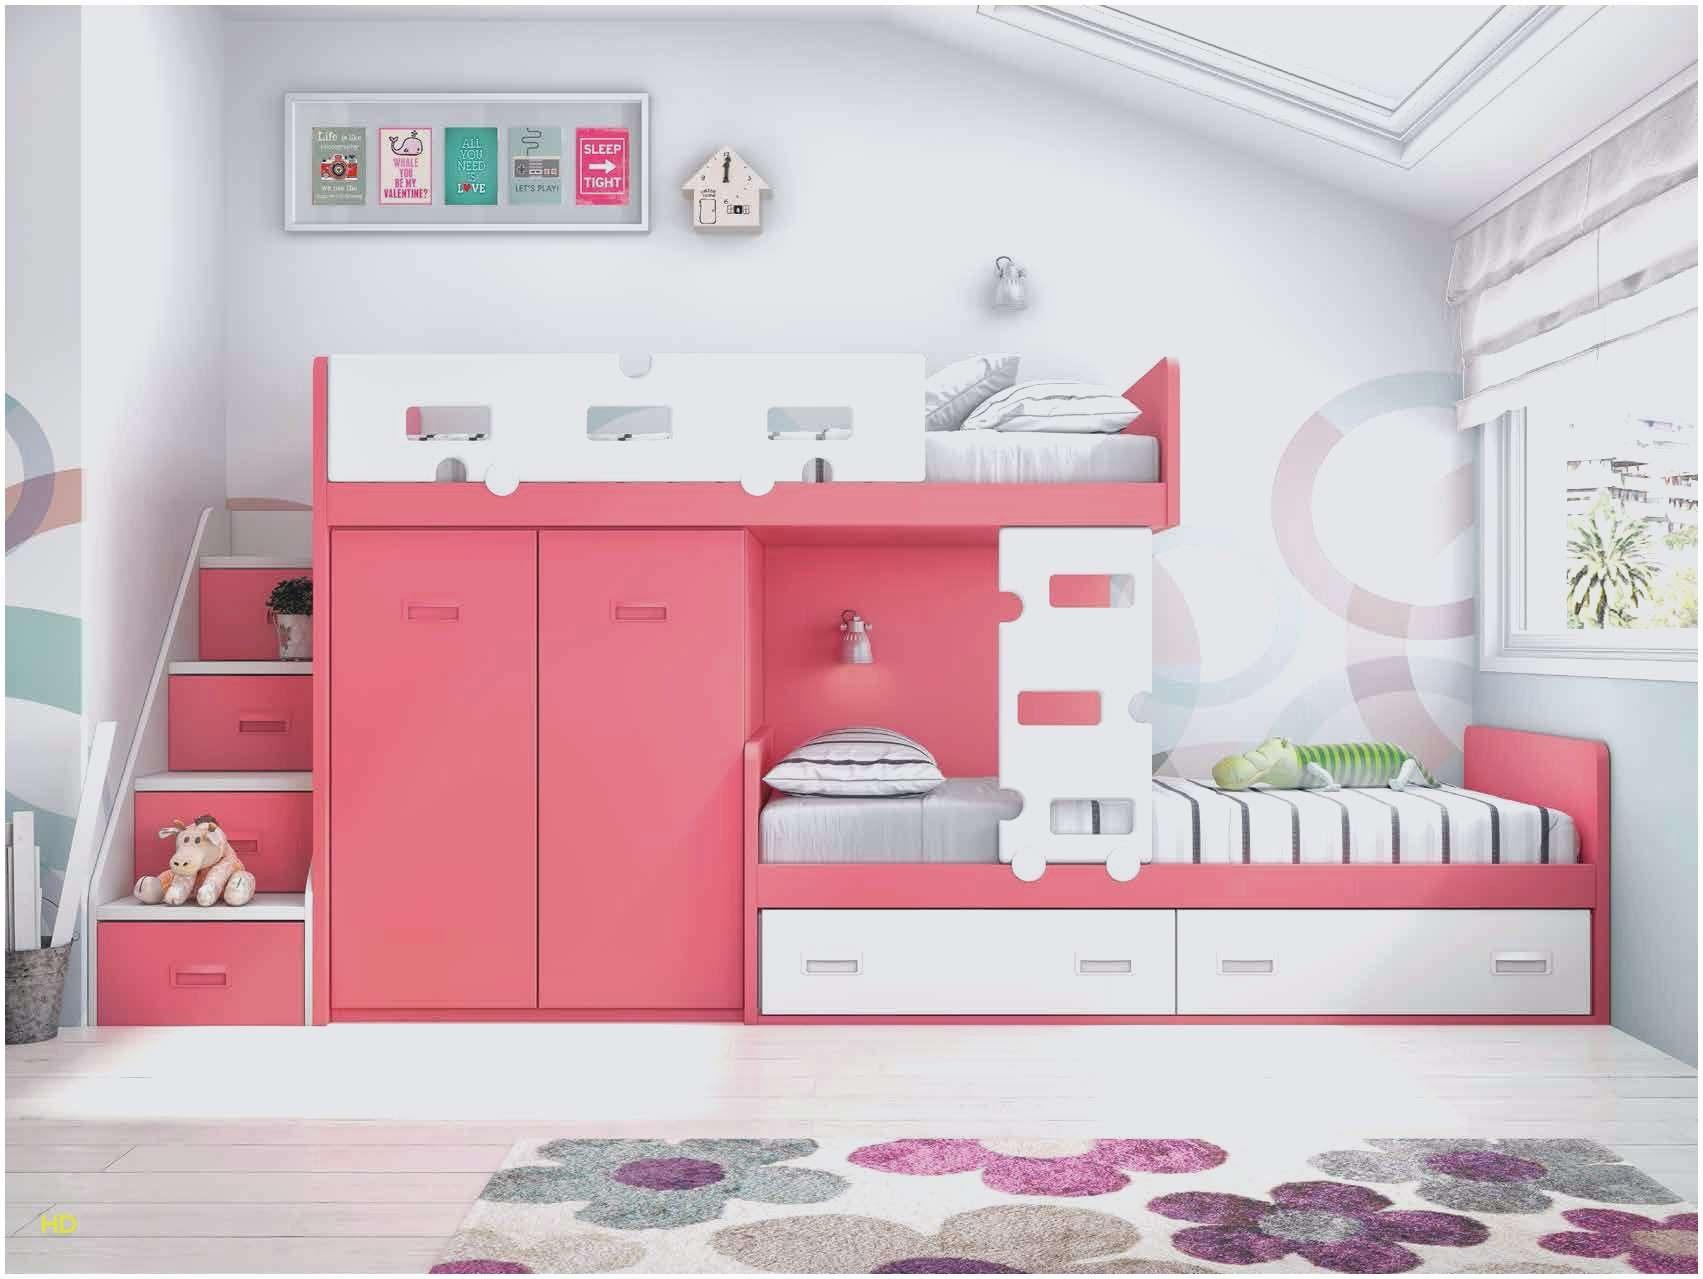 Moustiquaire Lit Bébé Ikea Frais Luxe 18 Luxury Cdiscount Chambre Bébé Deco Chambre Adulte Pour